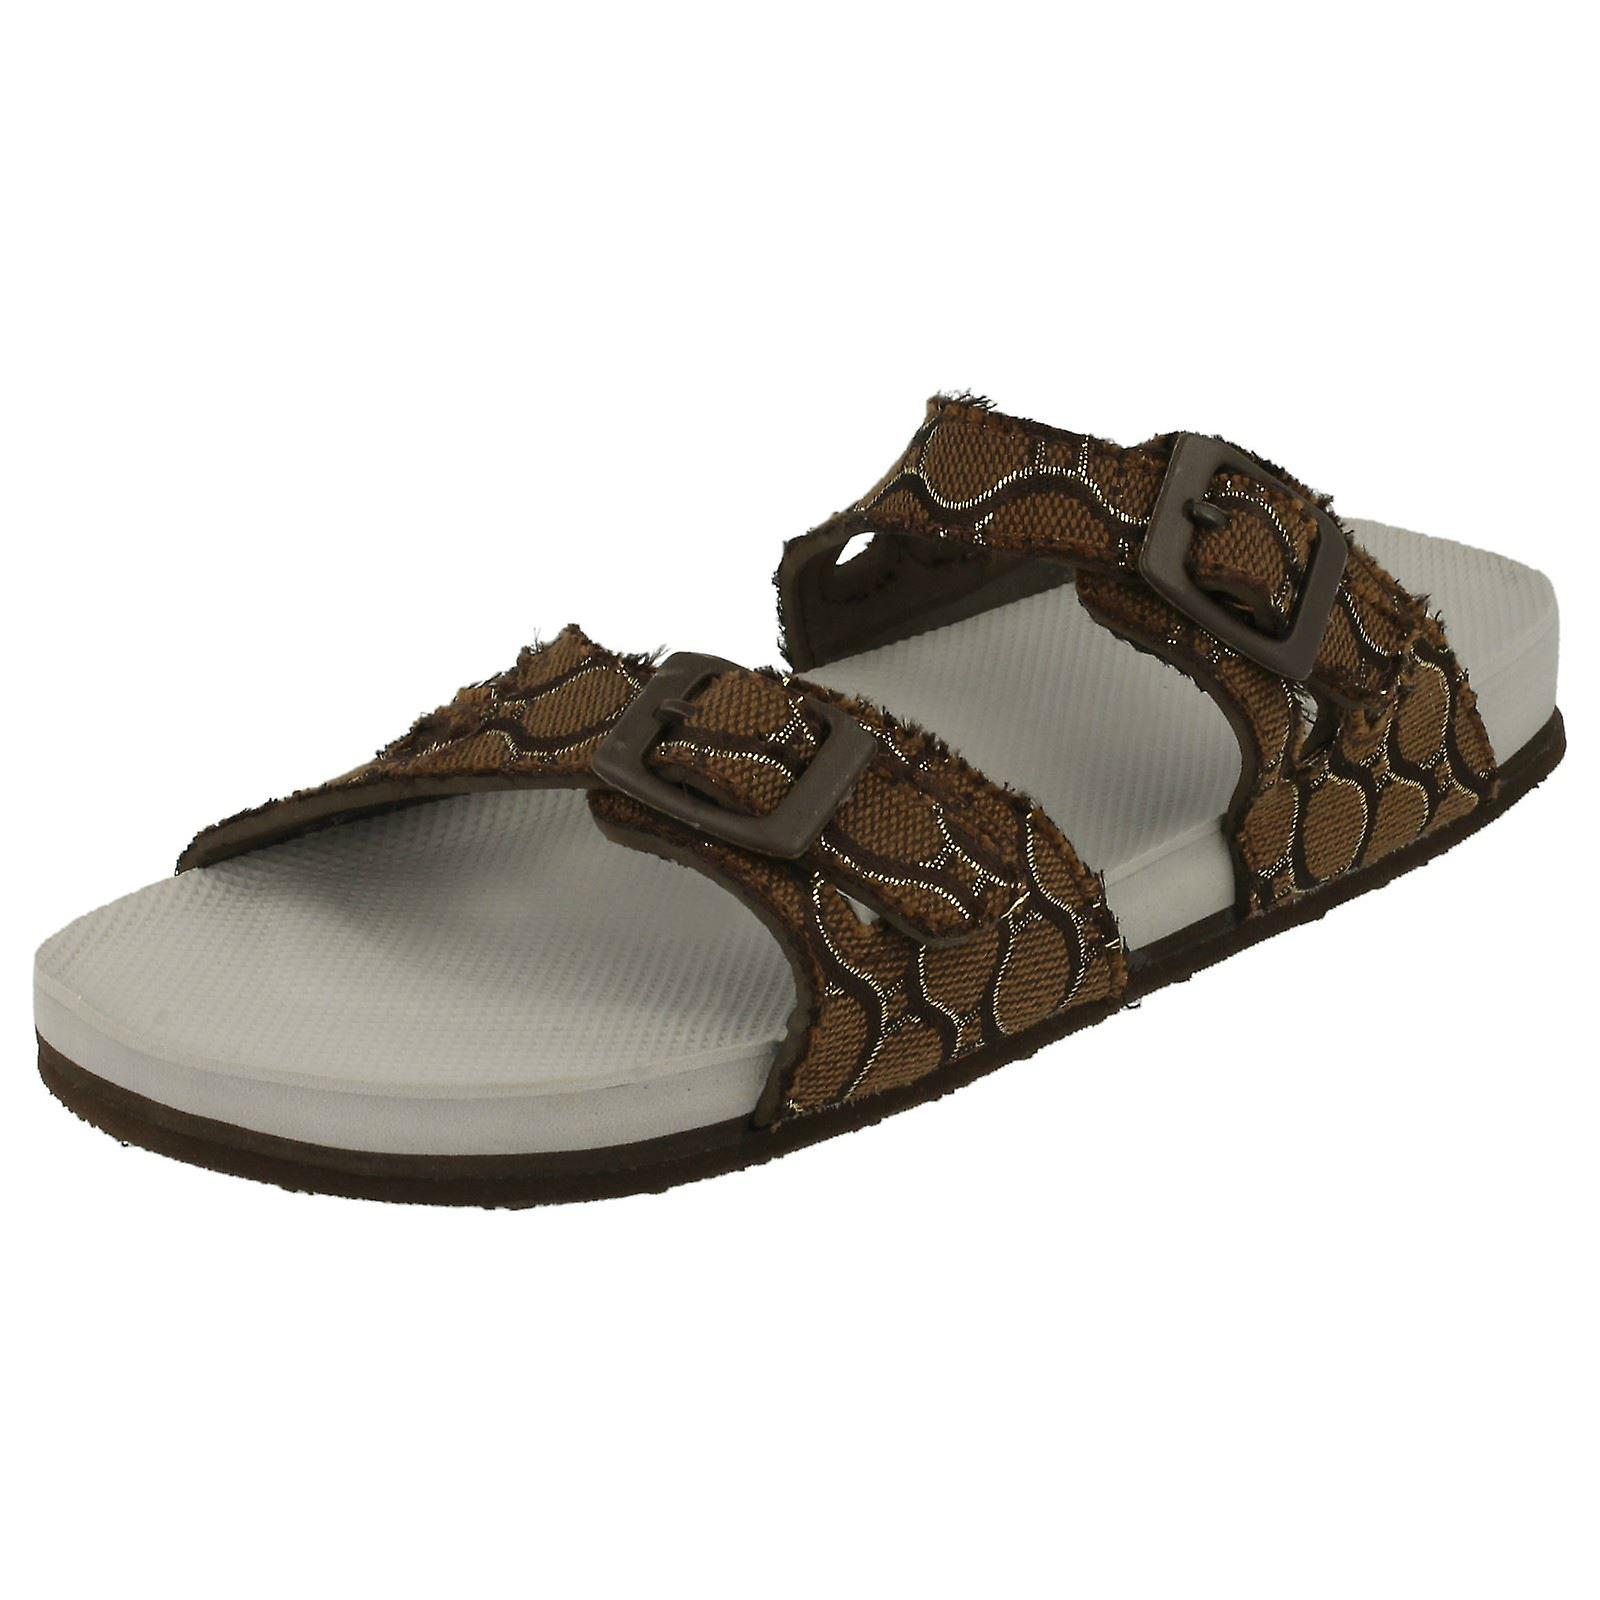 A buon mercato Sandali delle signore Samoa mulo alta qualità